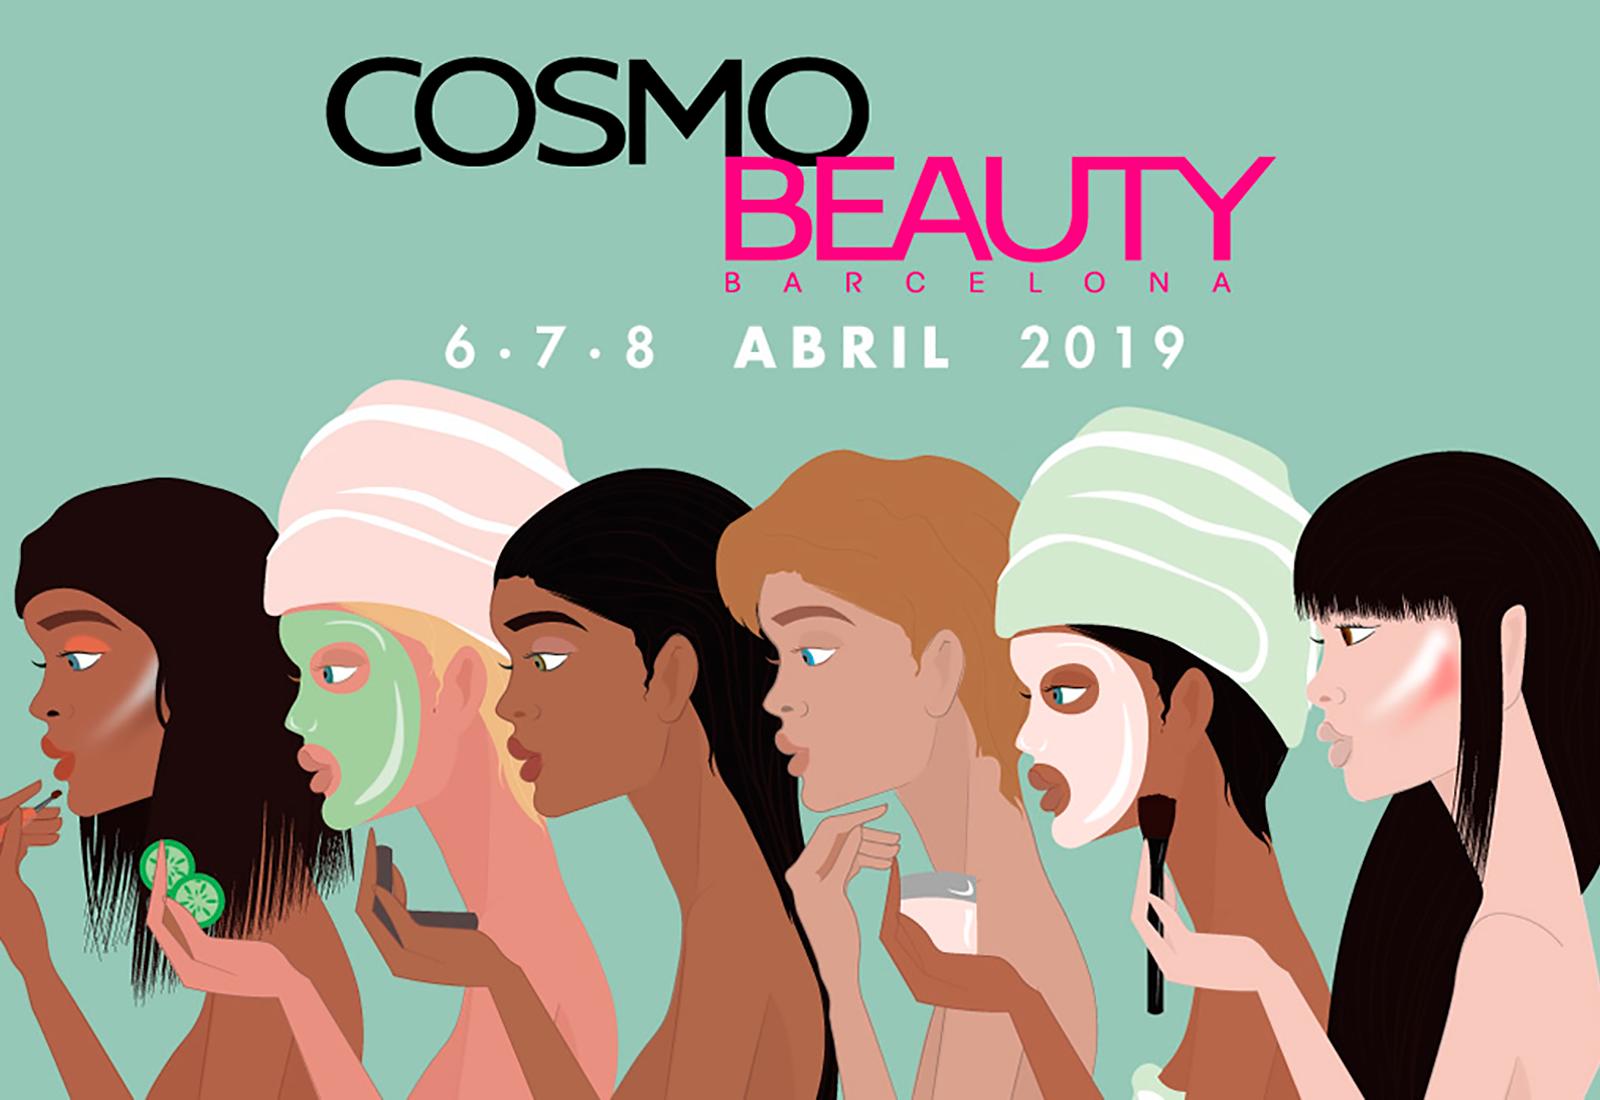 Cosmobeauty Barcelona